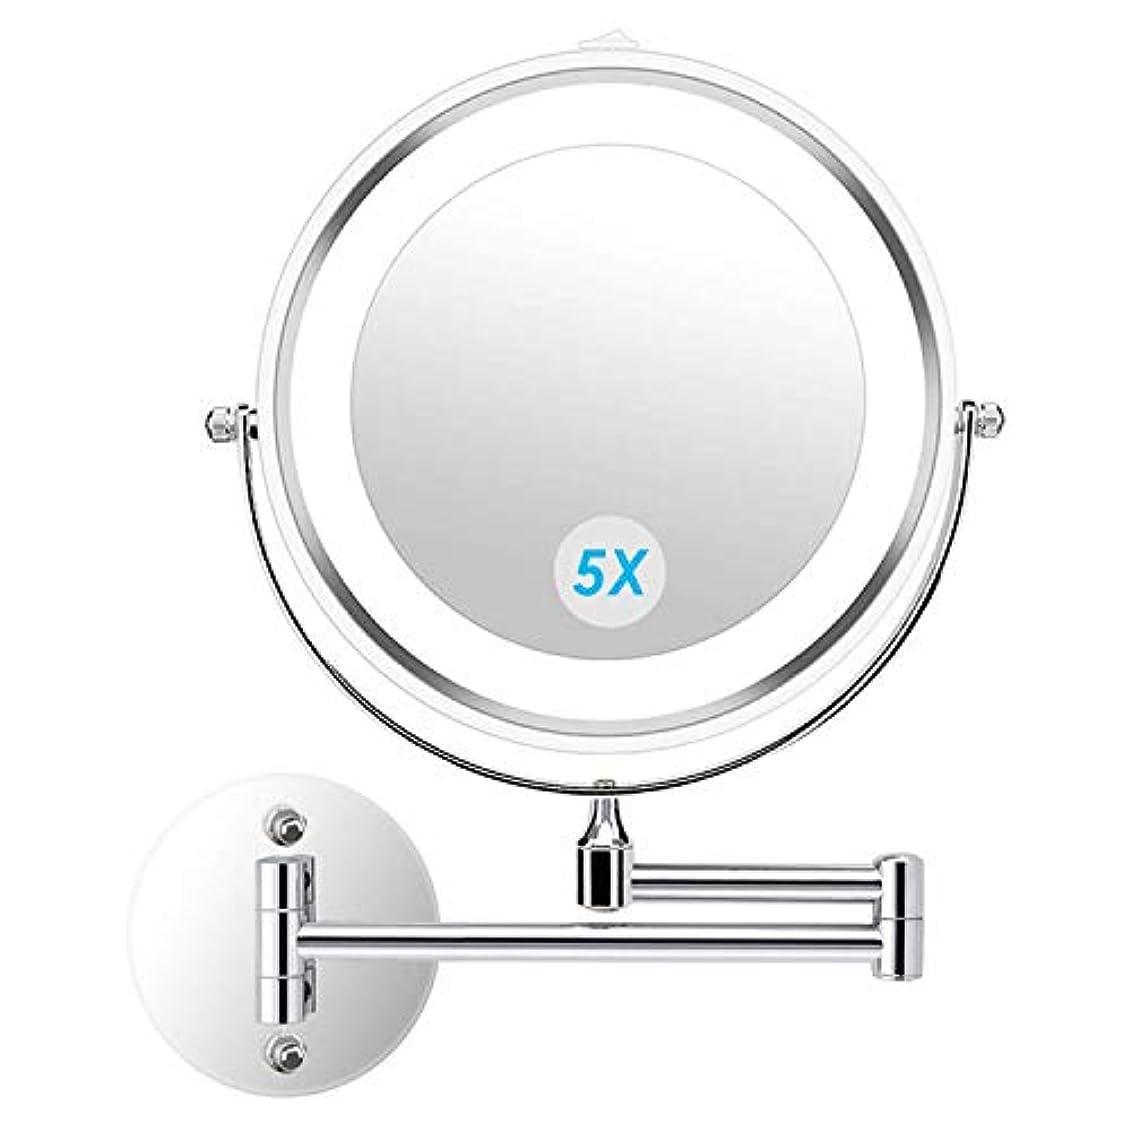 ルビー不正直ナビゲーションalvorog 壁掛け化粧鏡 4個 電池で駆動バスルームホテル用照明付き両面5倍 倍率360度 スイベル延長化粧化粧鏡を導きました 7